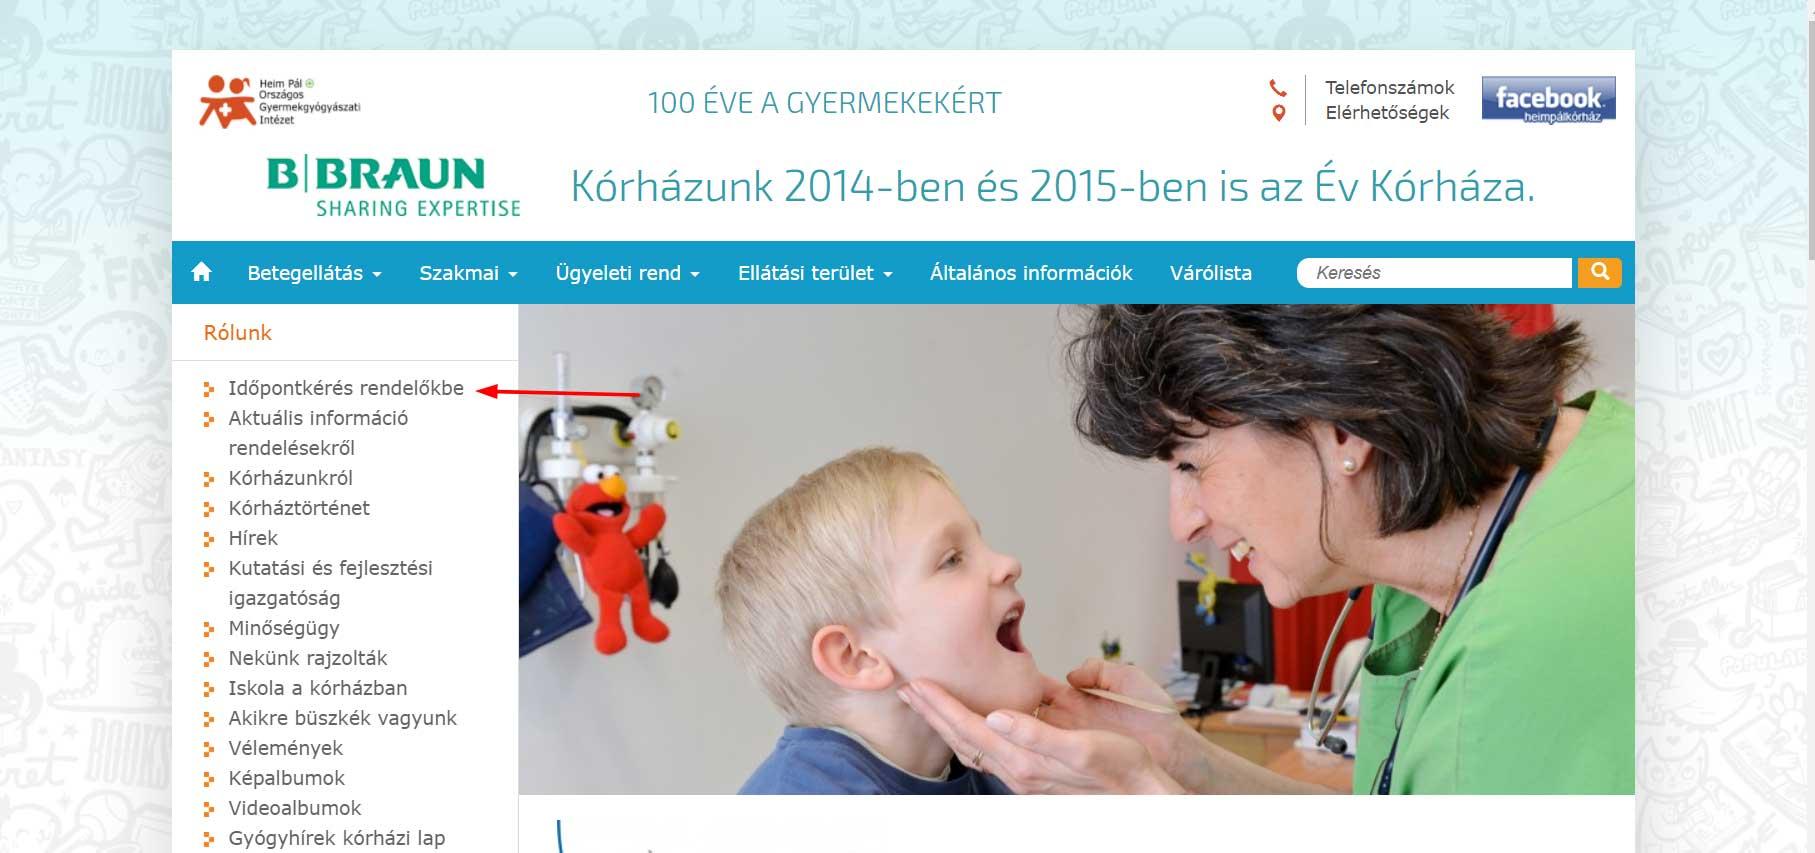 Időpont kérés helyének bemutatása a Heim Pál Gyermekkórház oldalán.